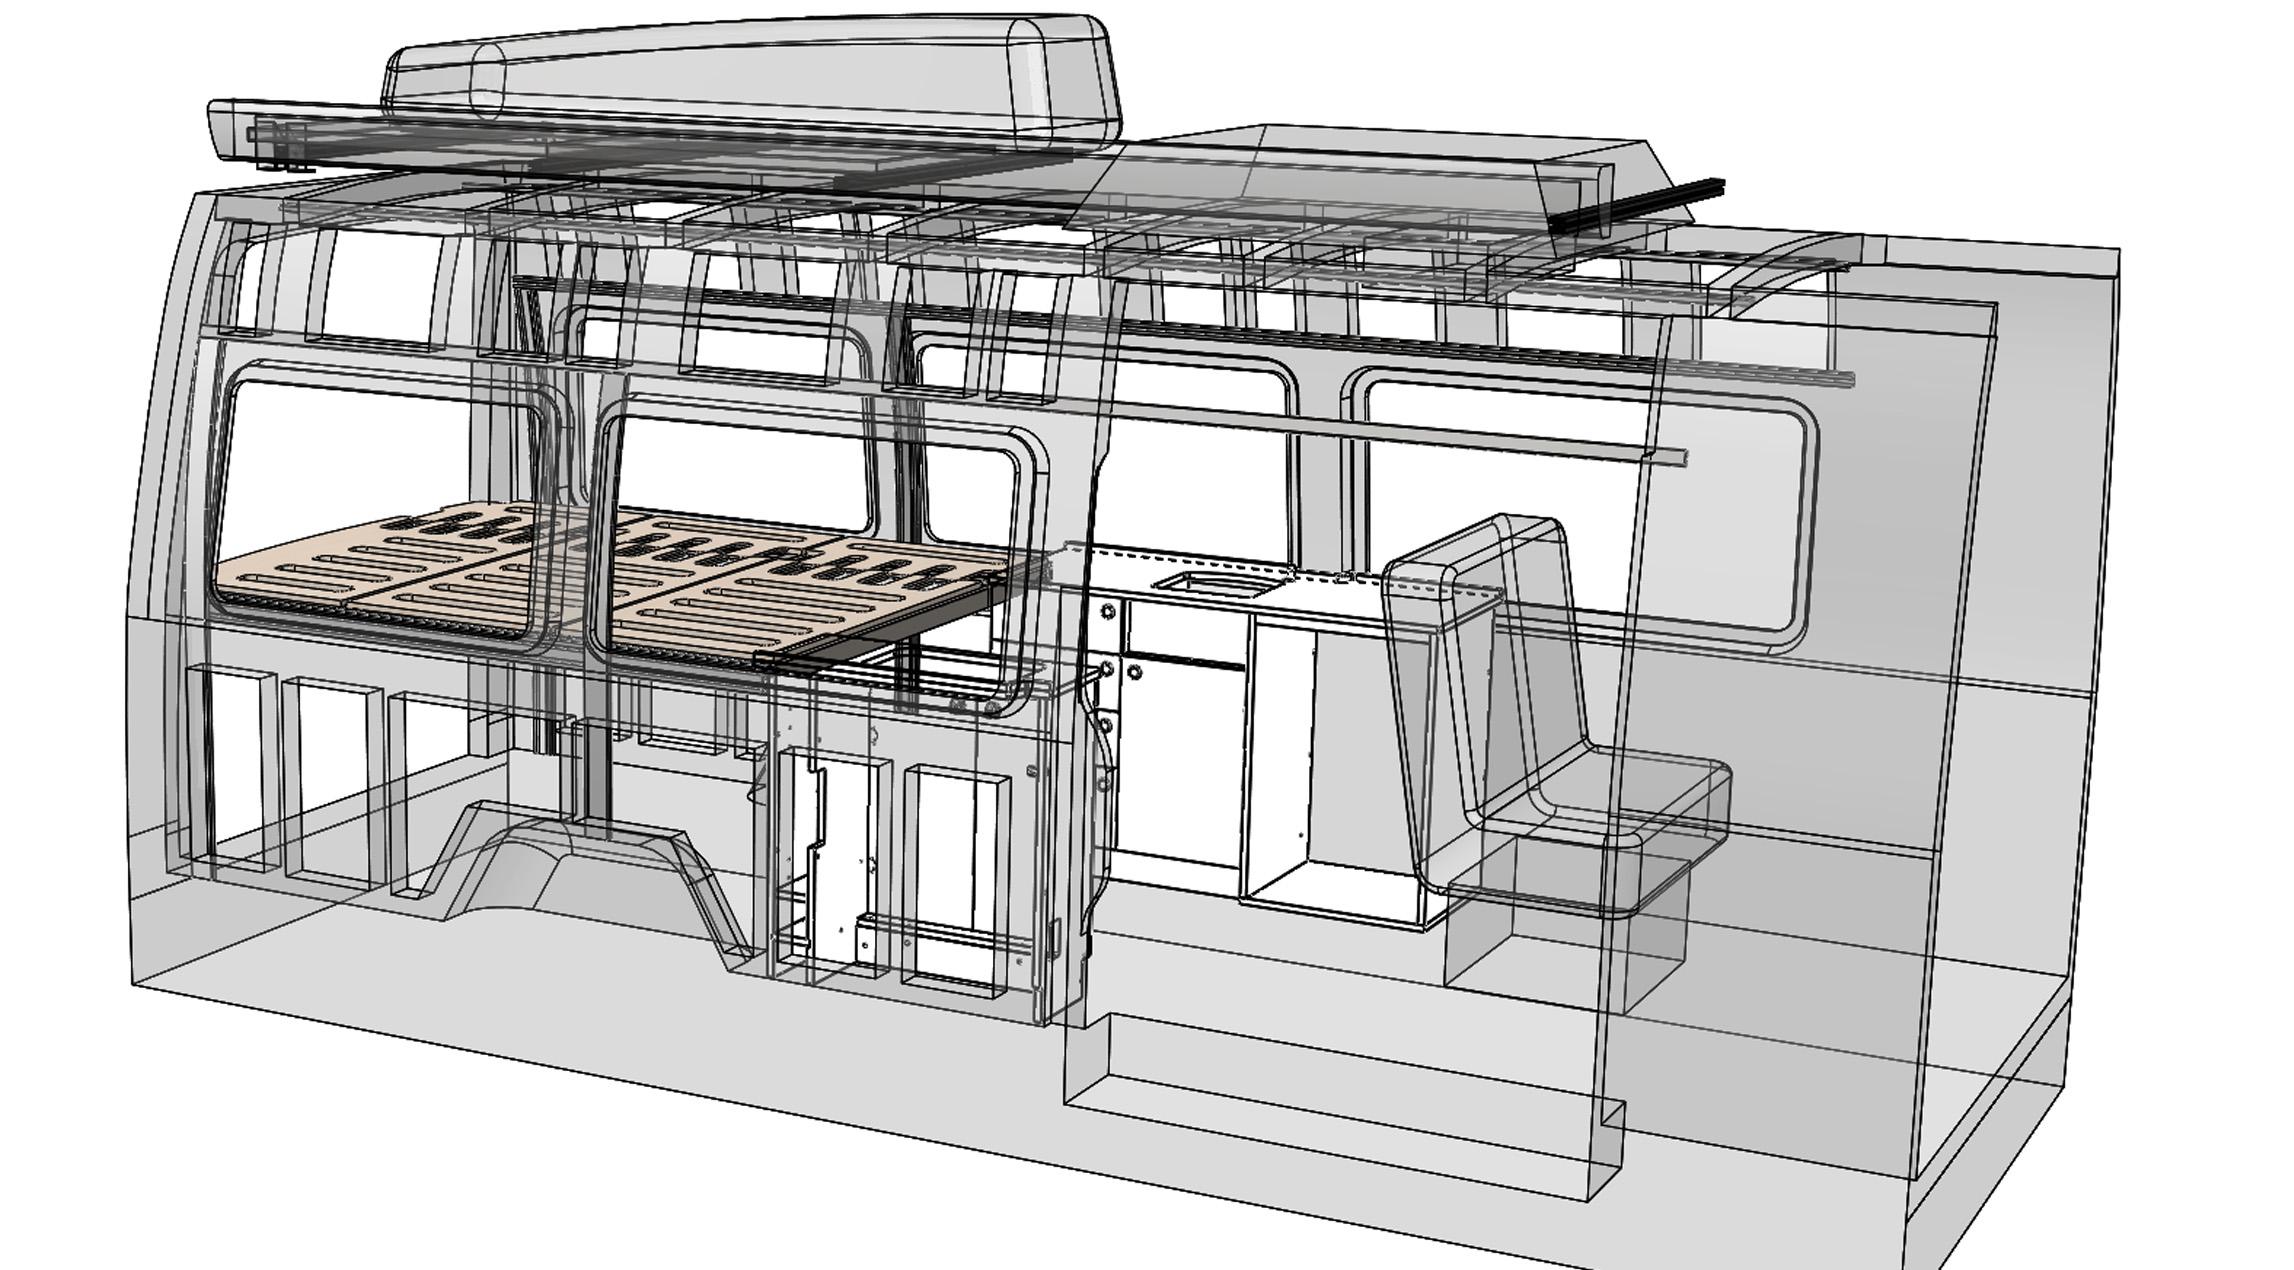 SolidWorks CAD - adjustable bed